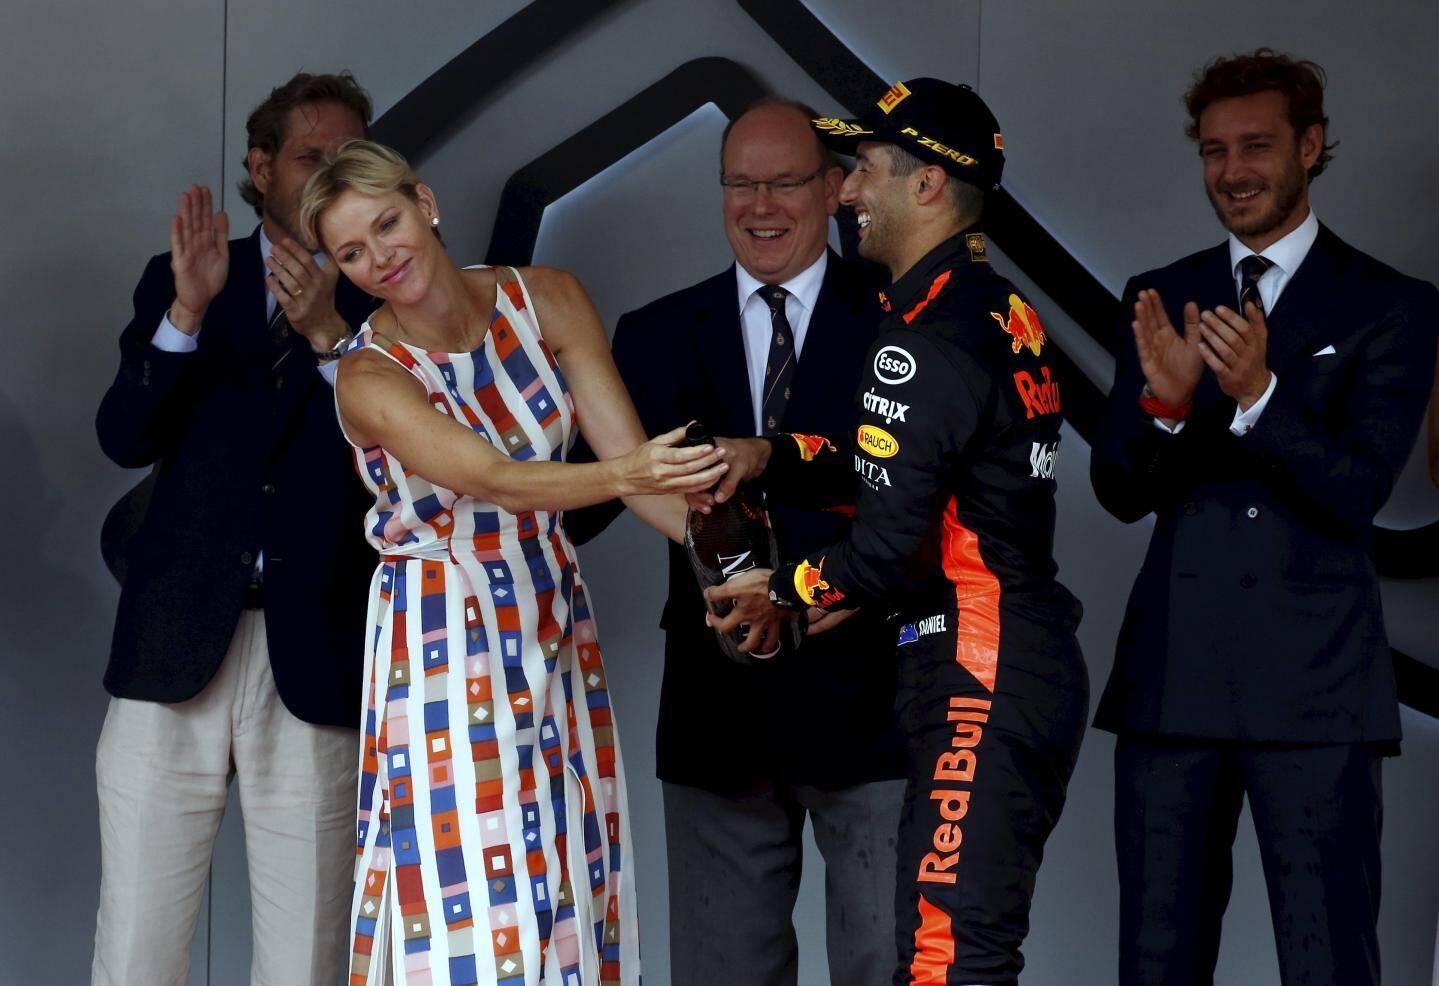 Podium du 76ème Grand Prix de Monaco, dimanche 27 mai 2018, avec le vainqueur Daniel Ricciardo devant Sebastian Vettel et Lewis Hamilton, en présence du prince Albert II de Monaco, la princesse Charlène et Pierre Casiraghi.